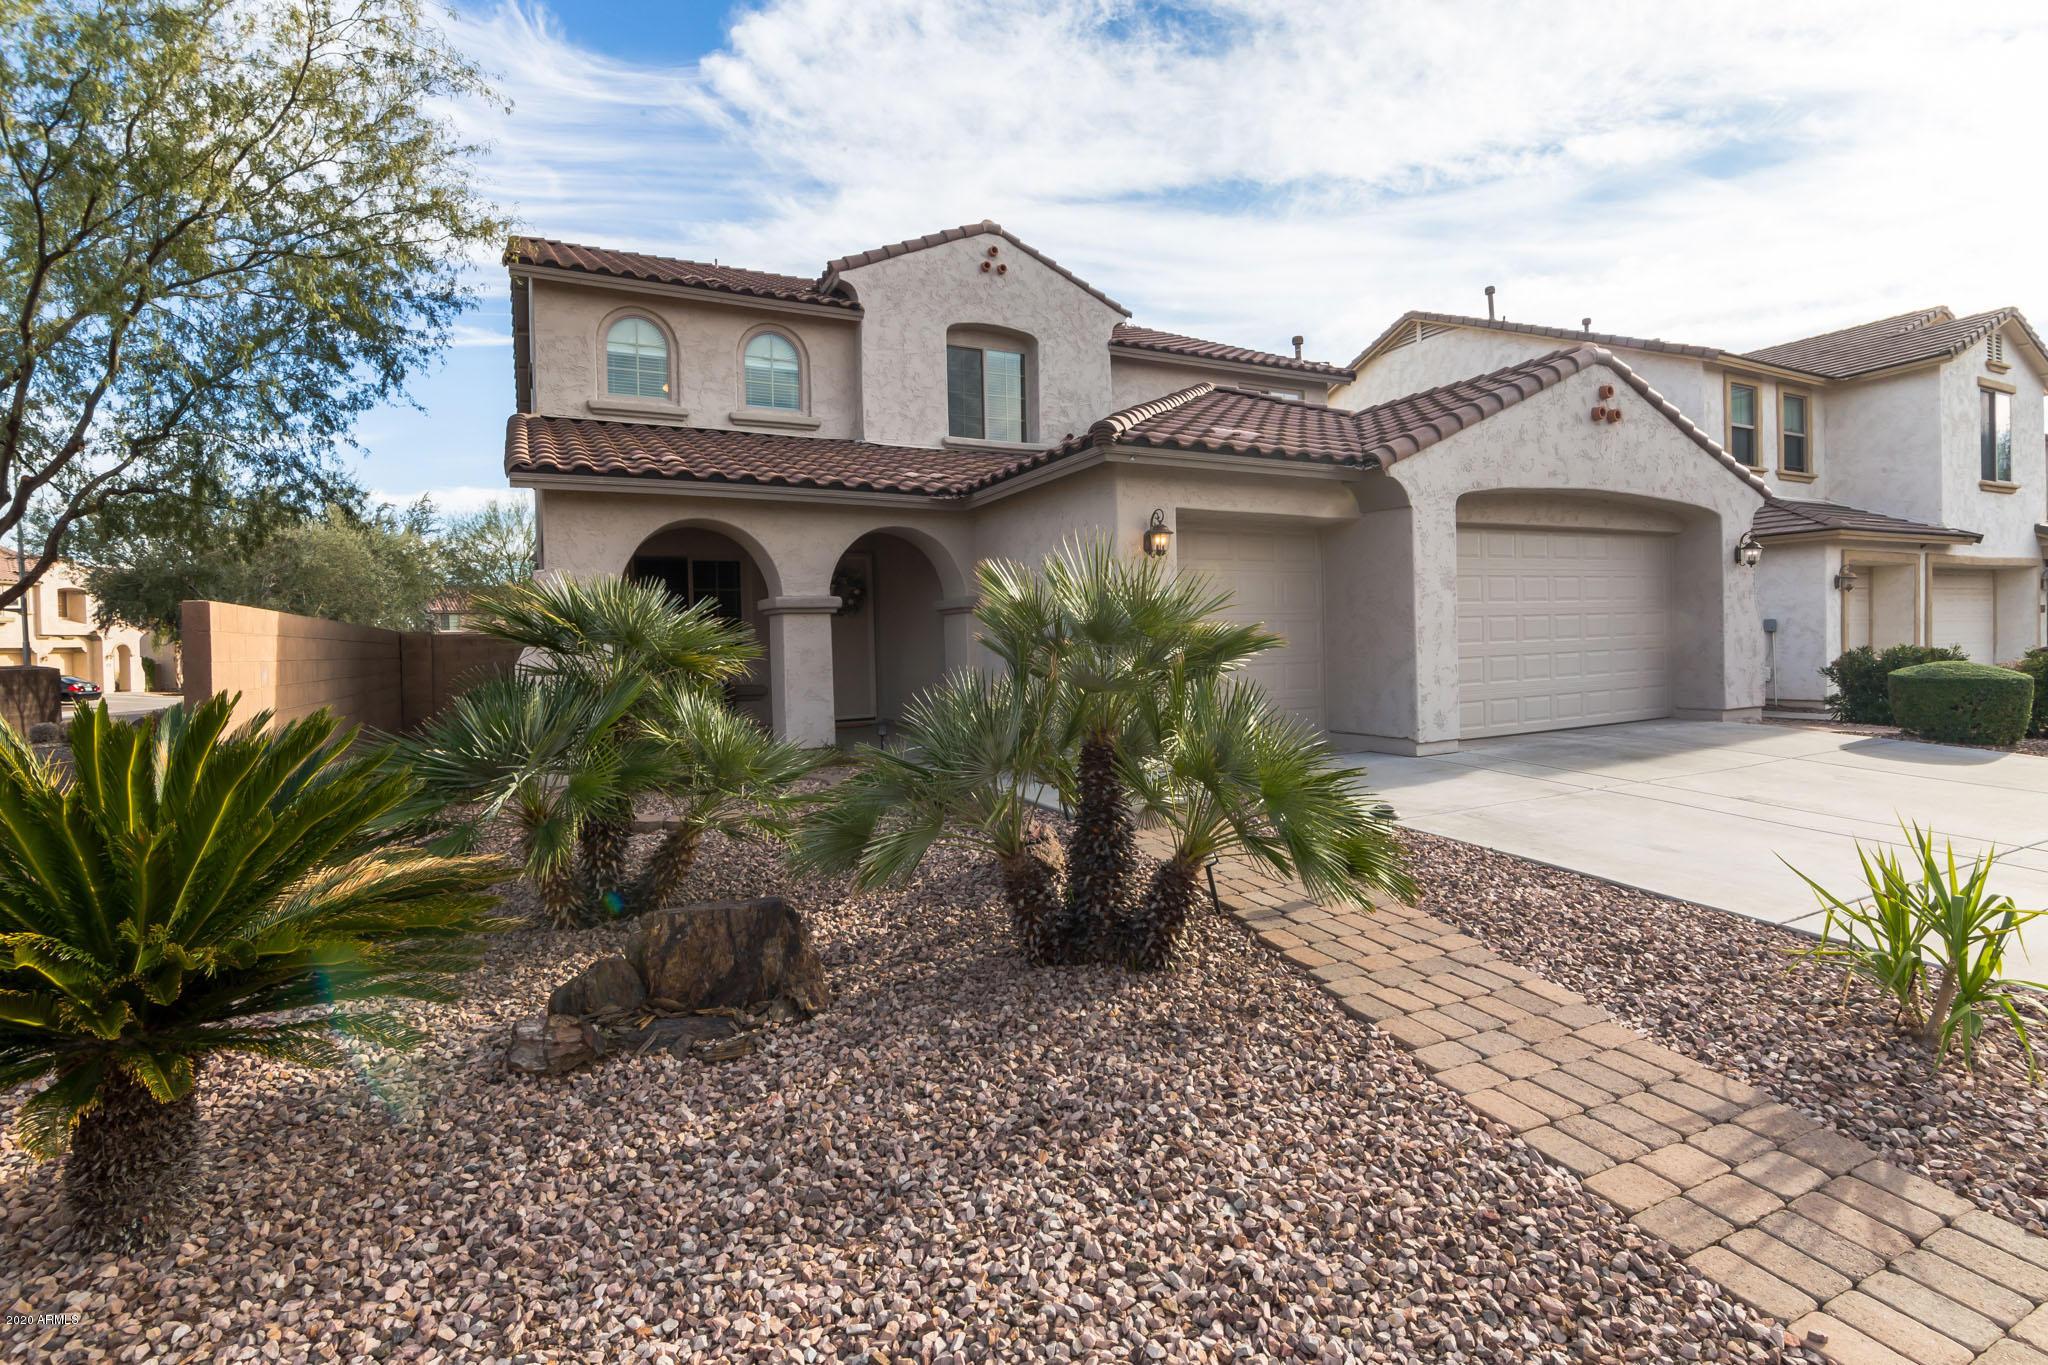 Photo of 5113 W SWAYBACK Pass, Phoenix, AZ 85083